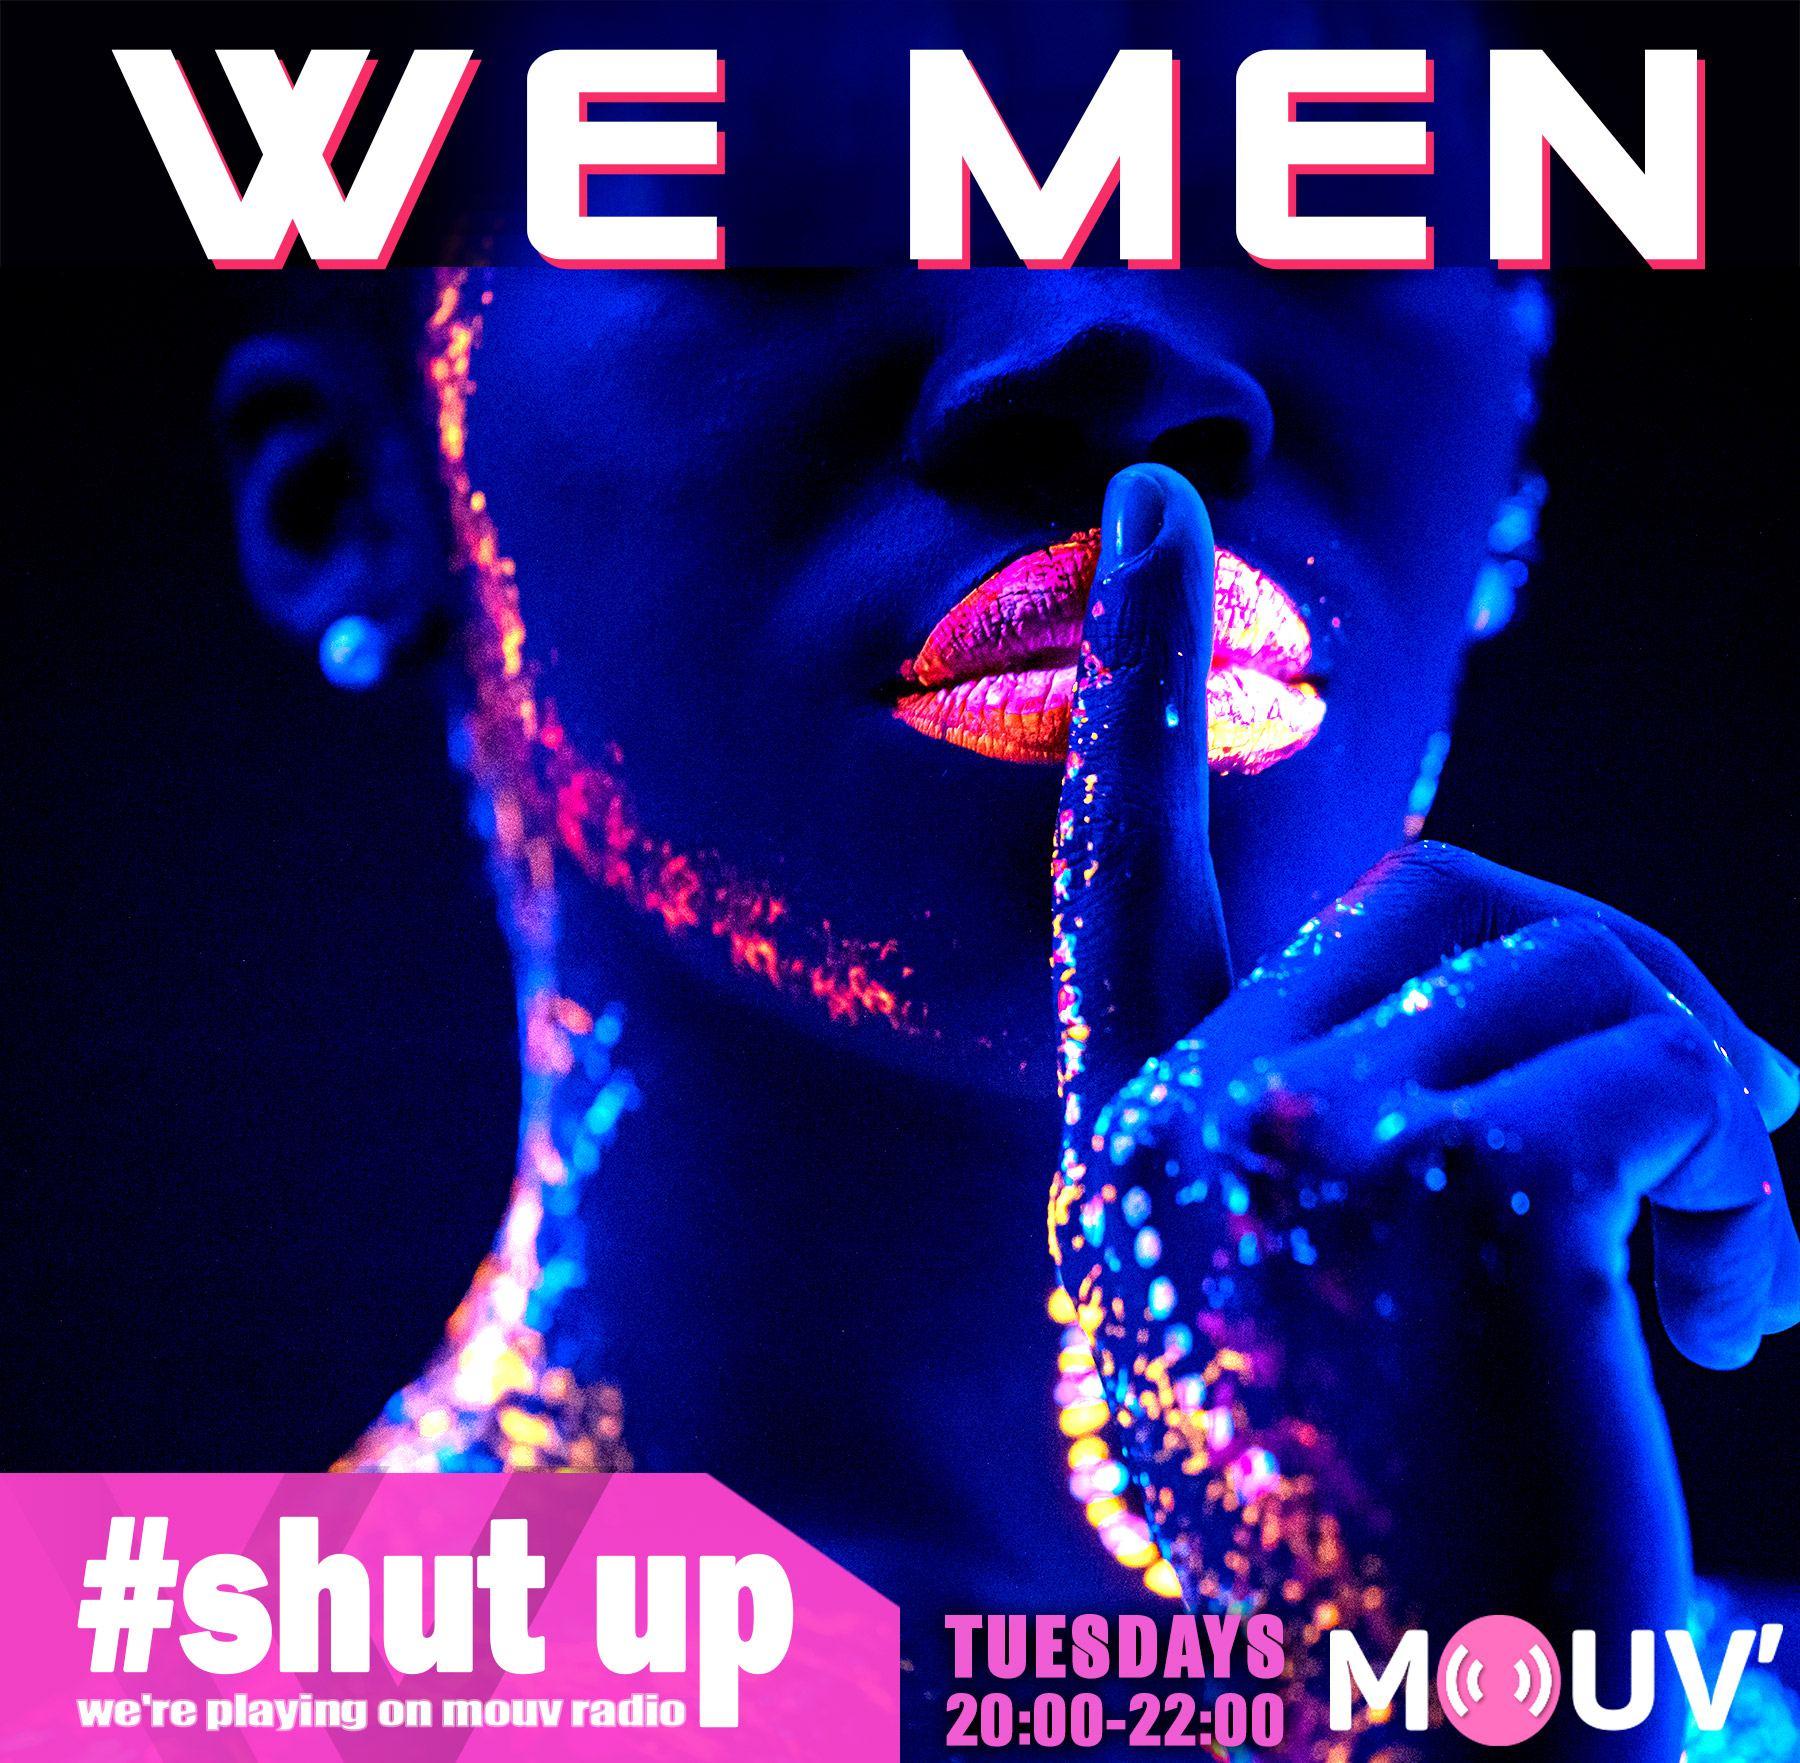 We Men